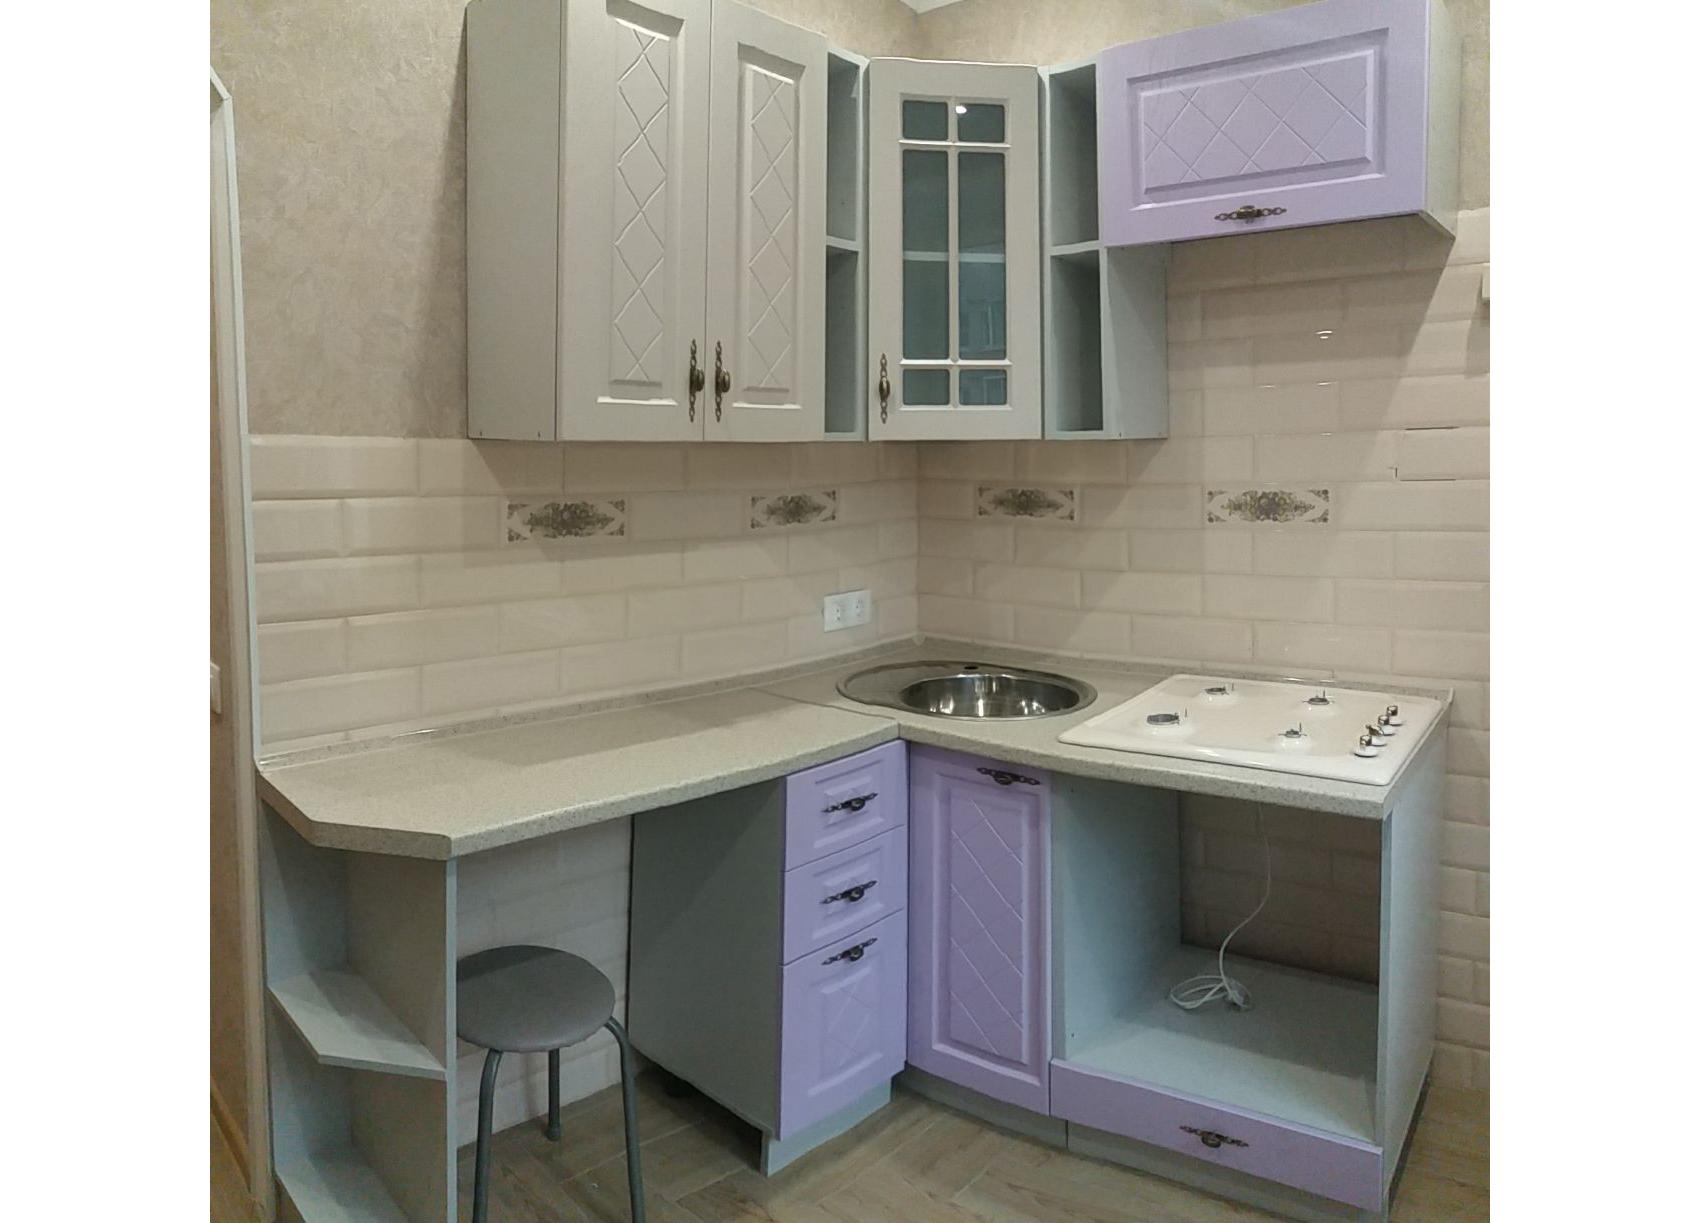 Кухня Гранд СМ 500 Шкаф нижний под мойку